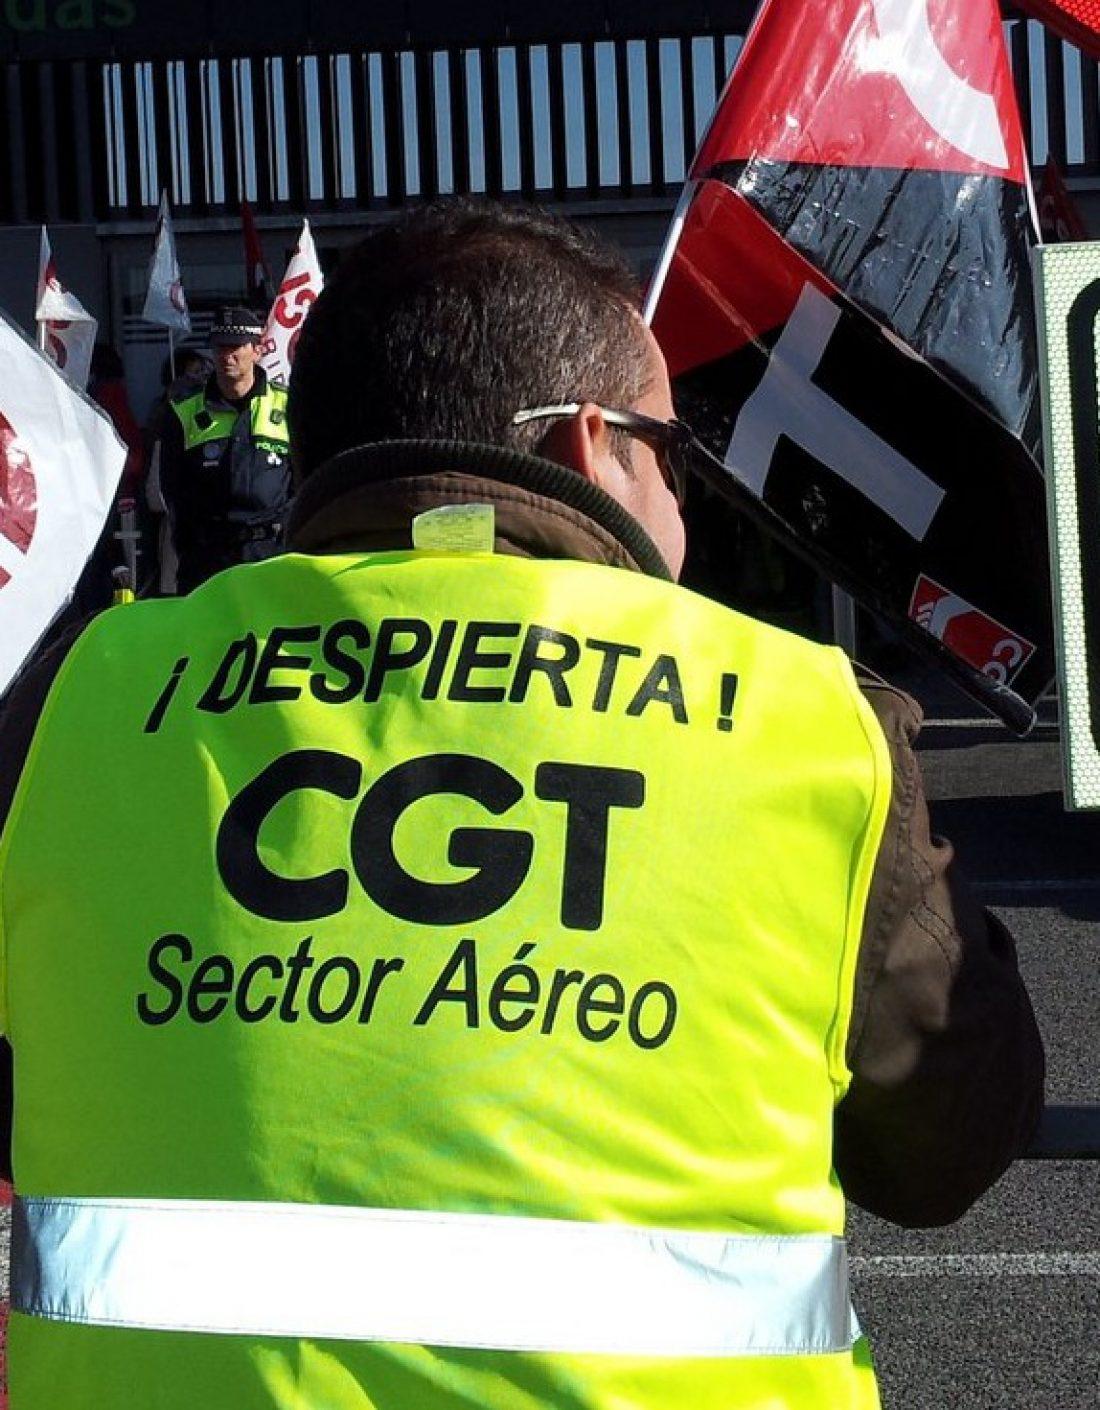 Trabajadores de limpieza del Aeropuerto de Barajas, en lucha contra los recortes en el sector Aéreo impuestos por Aena.